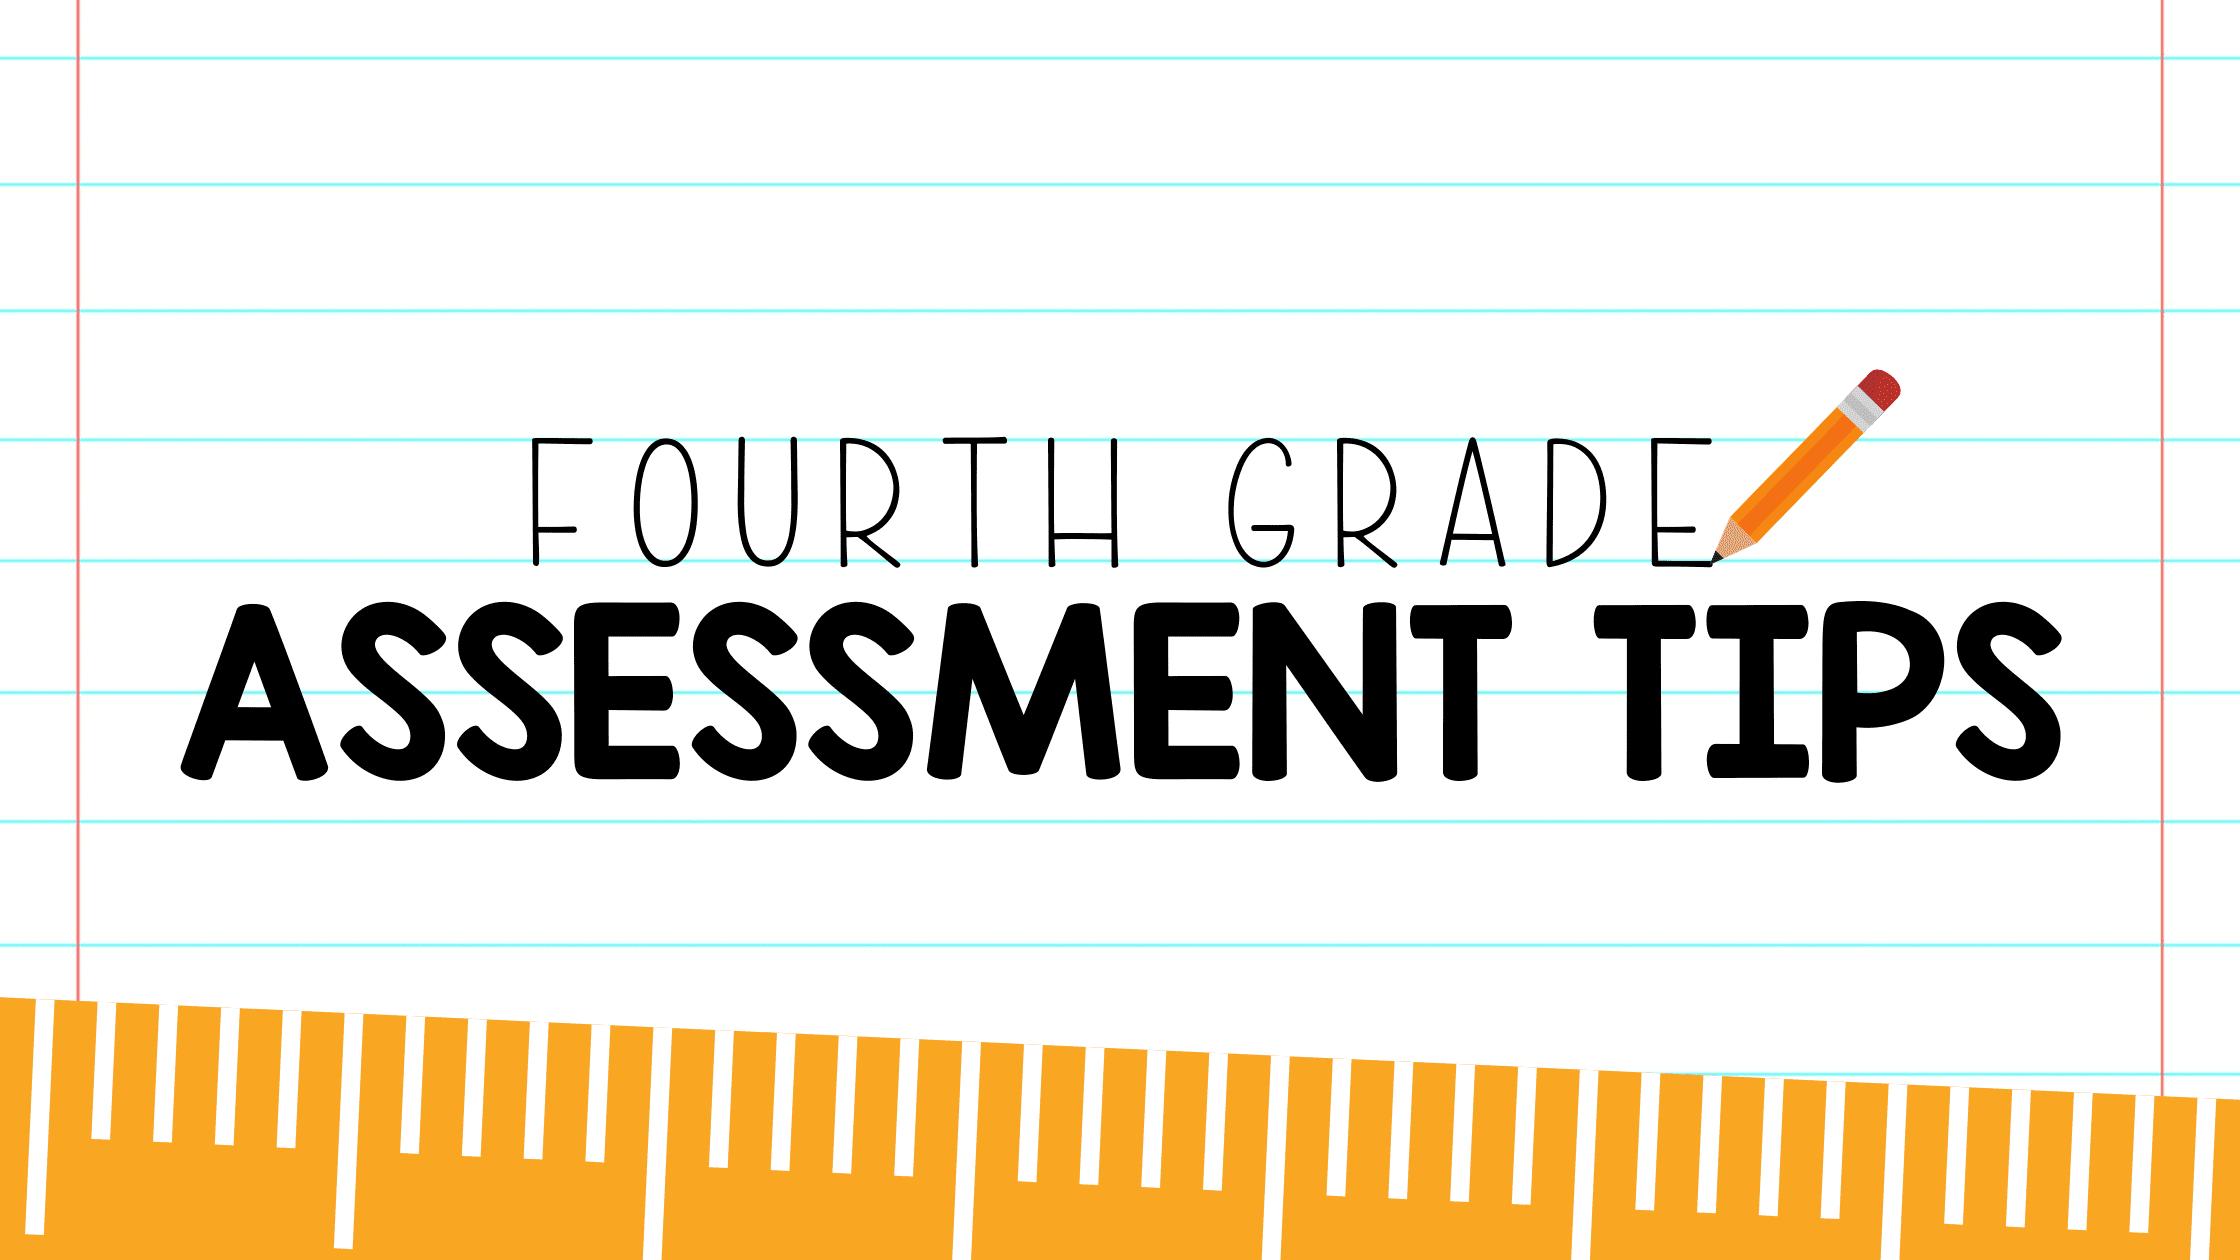 4th Grade Assessment Tips